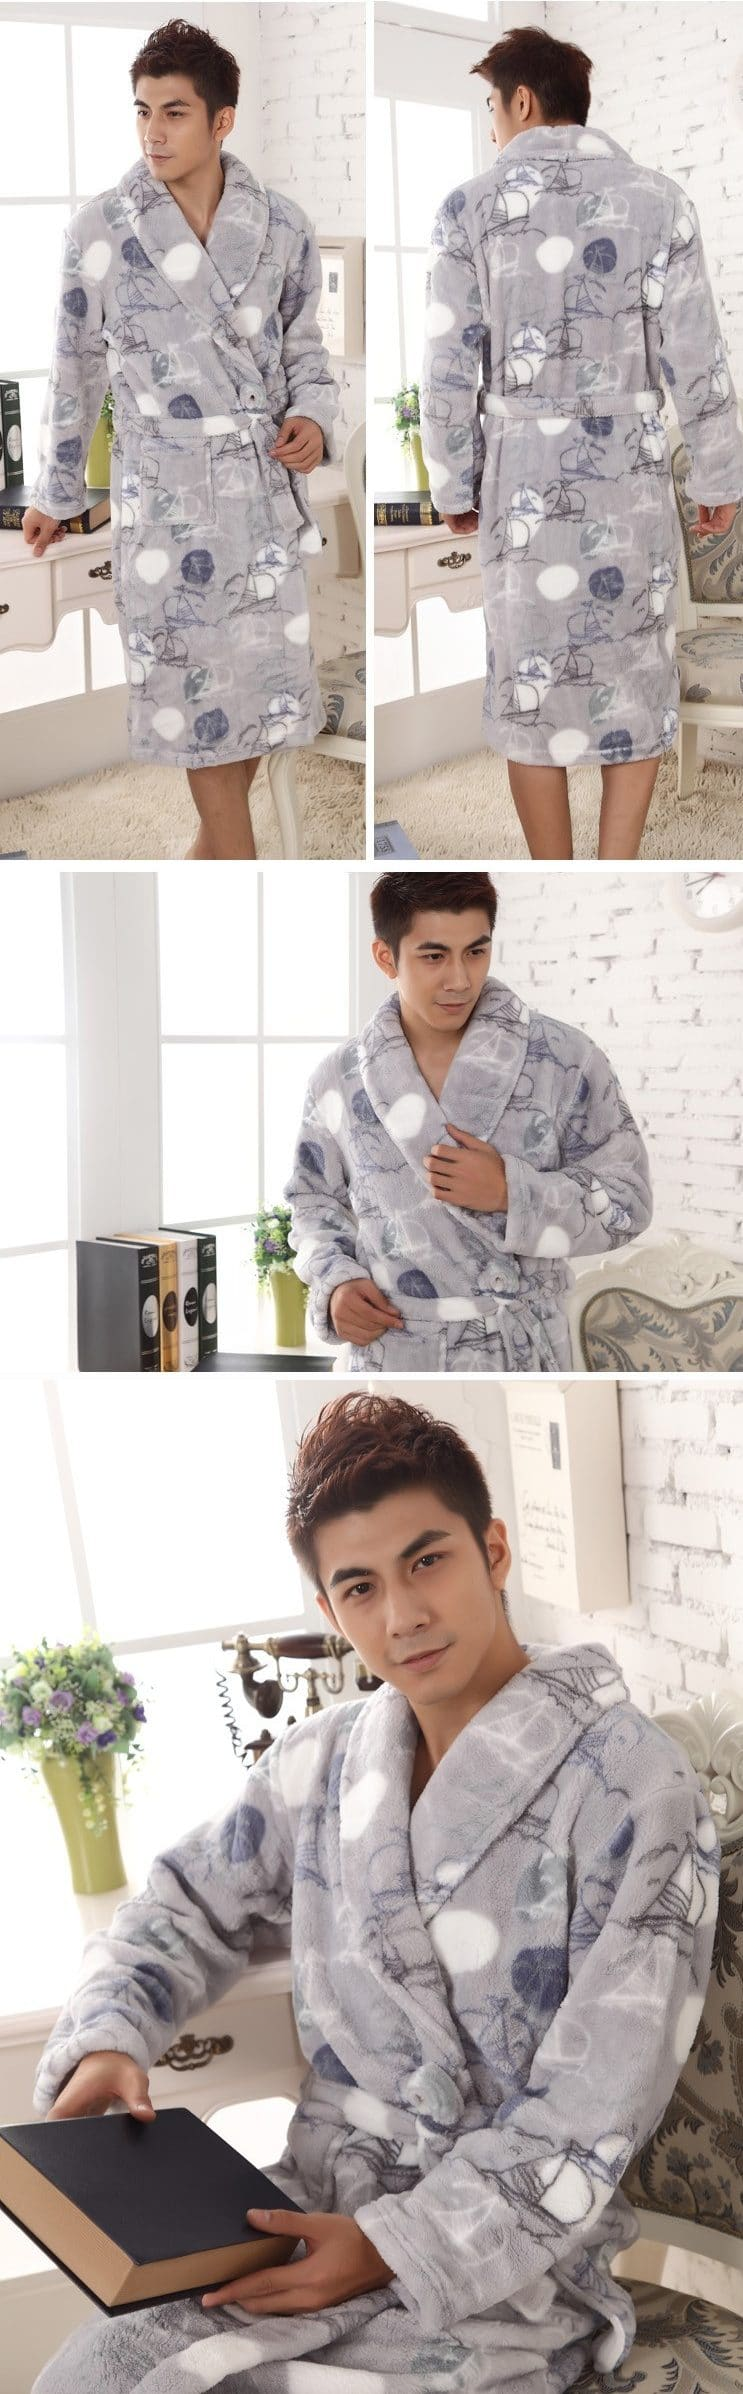 Длинный фланелевый халат купить на Алиэкспресс